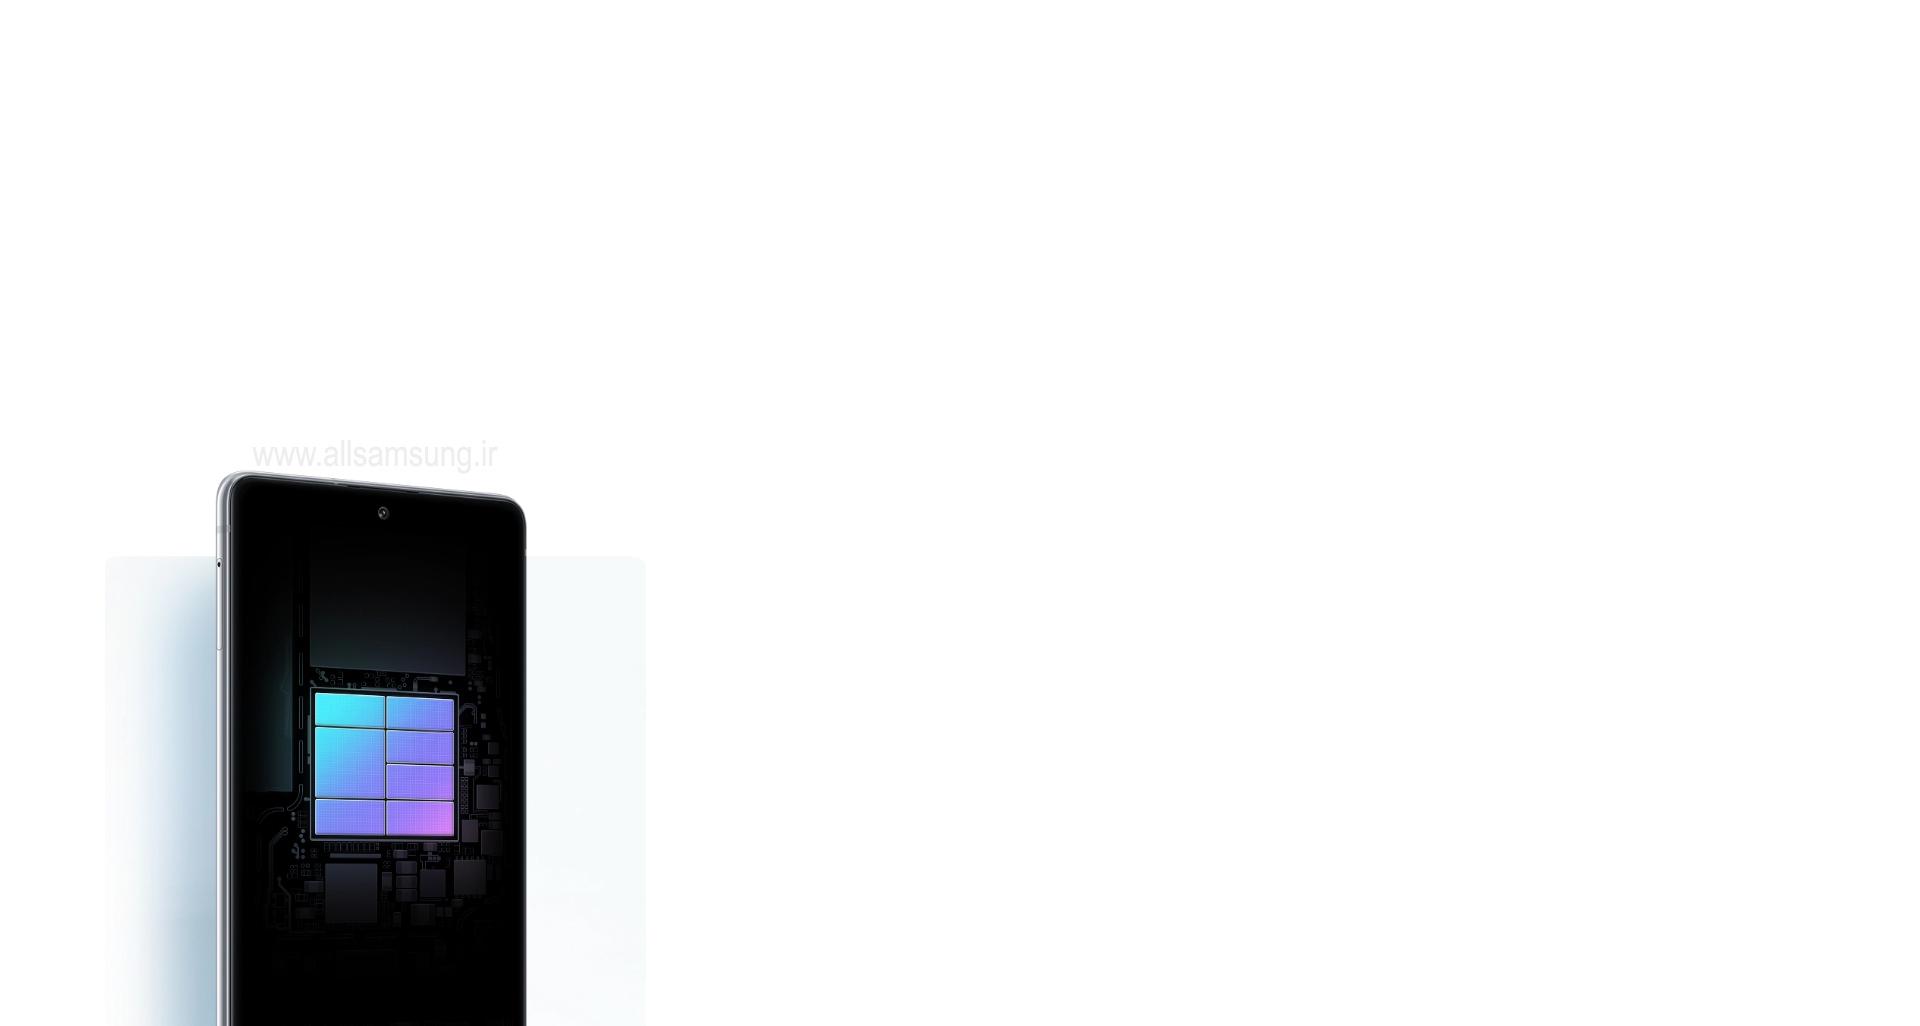 گیم بوستر و تجربه متفاوت بازی با گوشی اس 10 لایت سامسونگ